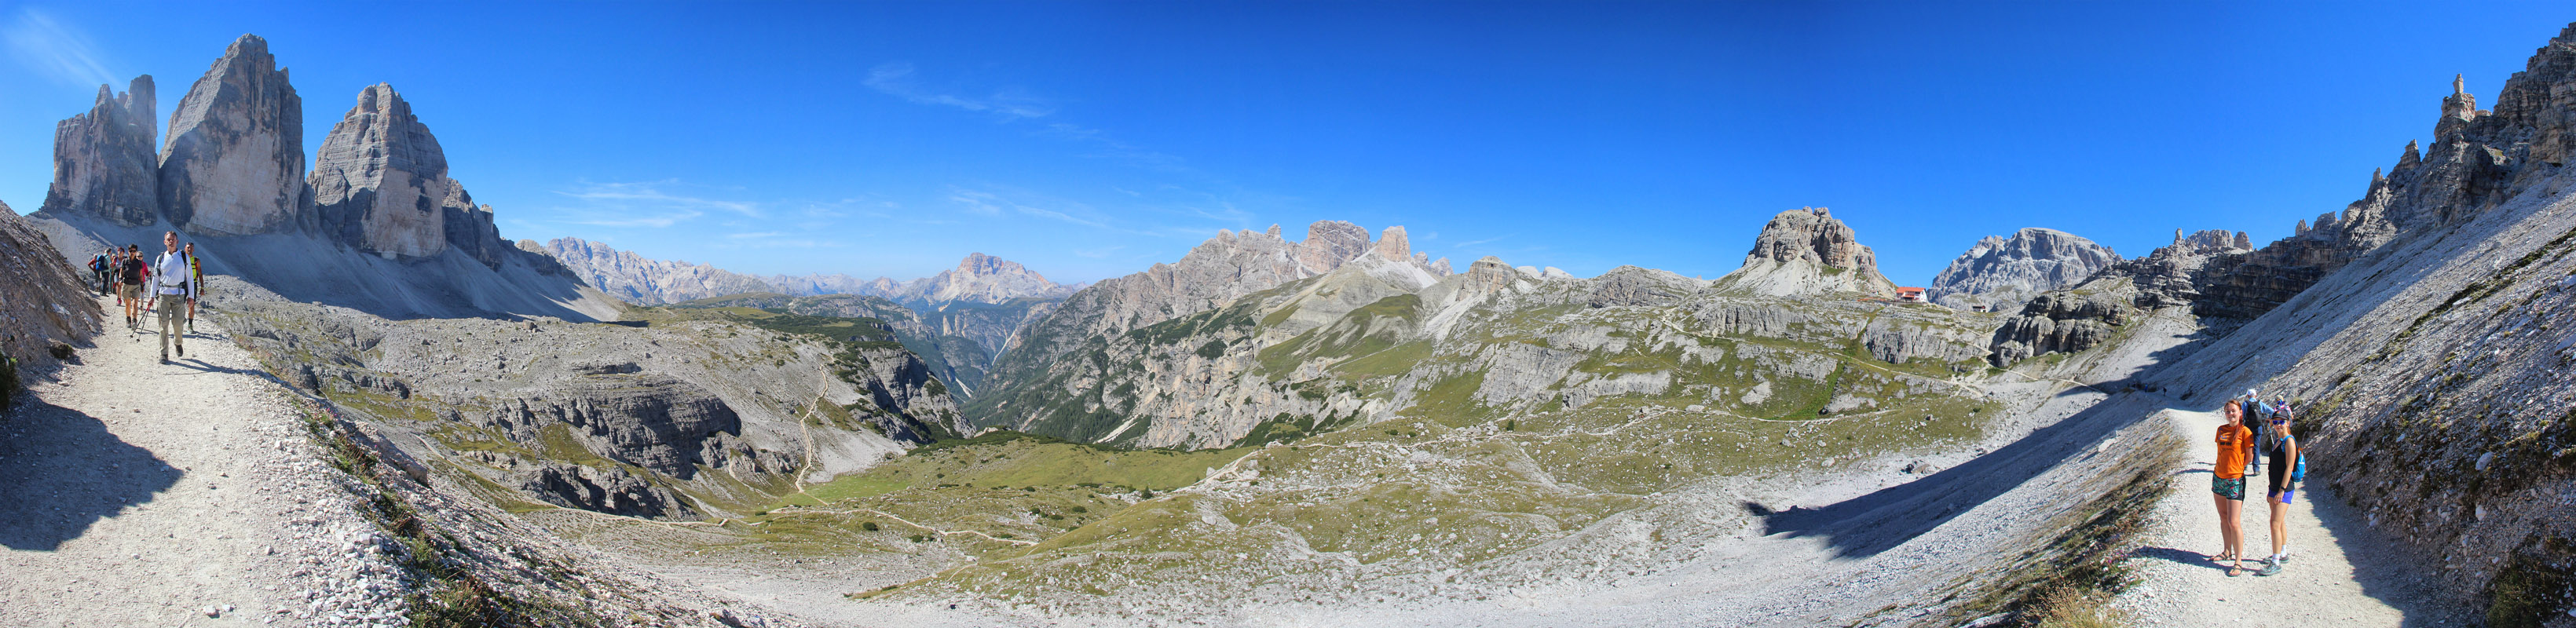 Panoráma Tre Cime, Croda Rosa, Monte Rudo, Rifugio Locatelli, Torre di Toblin, Dolomity